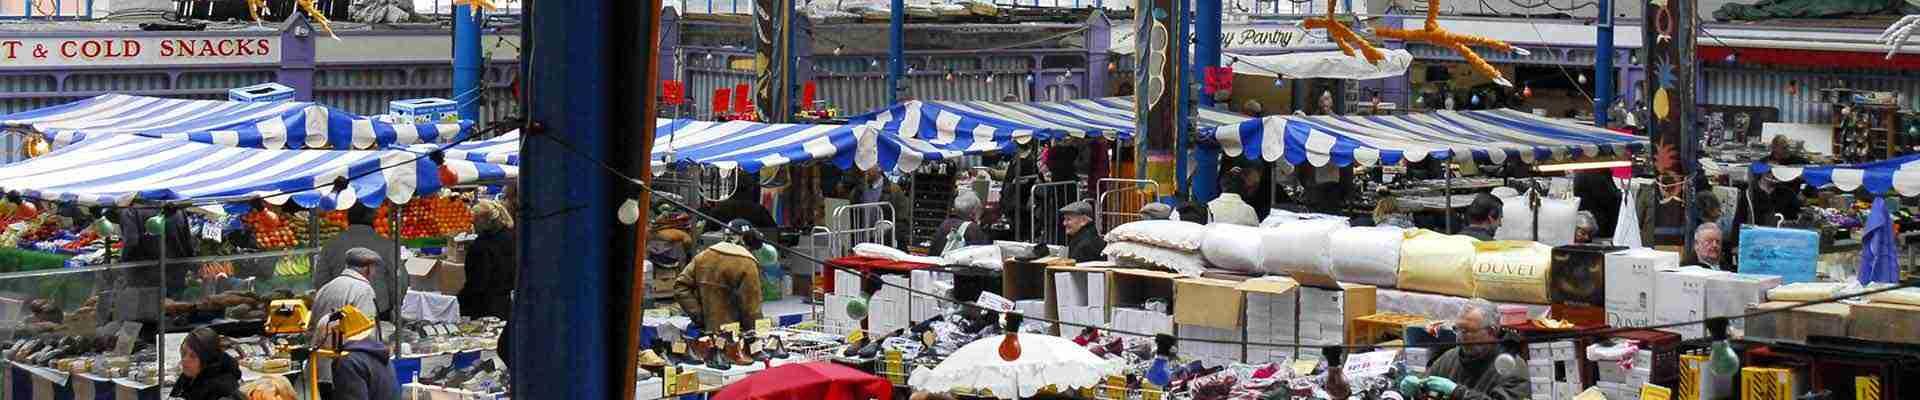 Abergavenny Christmas Food & Drink Fair